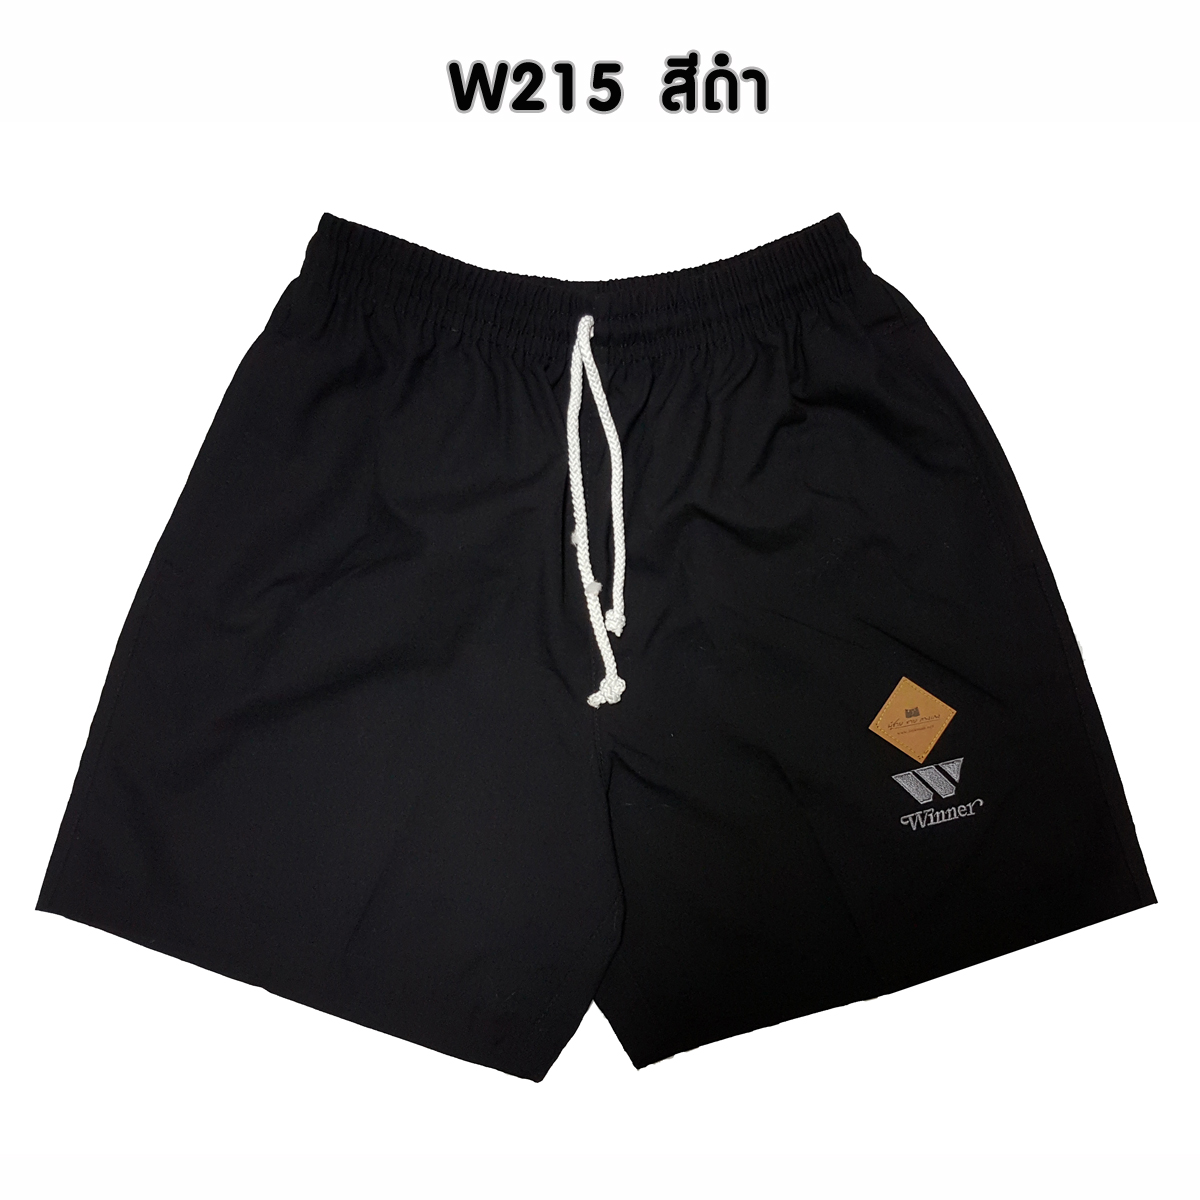 กางเกงขาสั้น SPORT รหัสW215 สีดำ